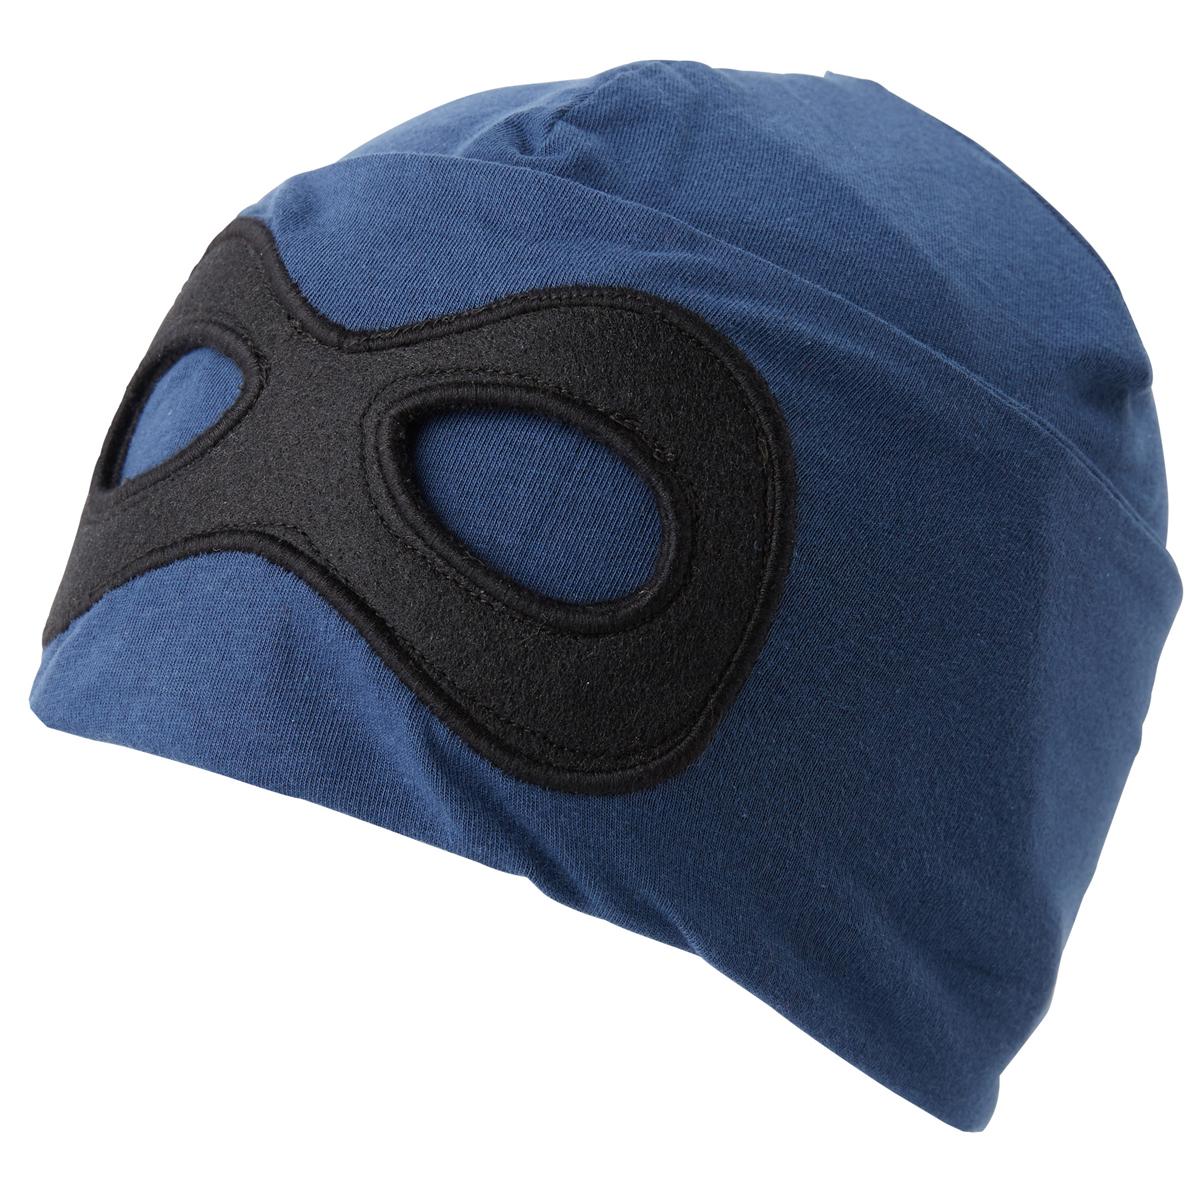 Шапка для мальчика Tom Tailor, цвет: синий. 0221631.00.82_6758. Размер 54/560221631.00.82_6758Шапка для мальчика от Tom Tailor выполнена из эластичного хлопкового трикотажа с добавлением вискозы. Спереди шапка оформлена имитацией маски.